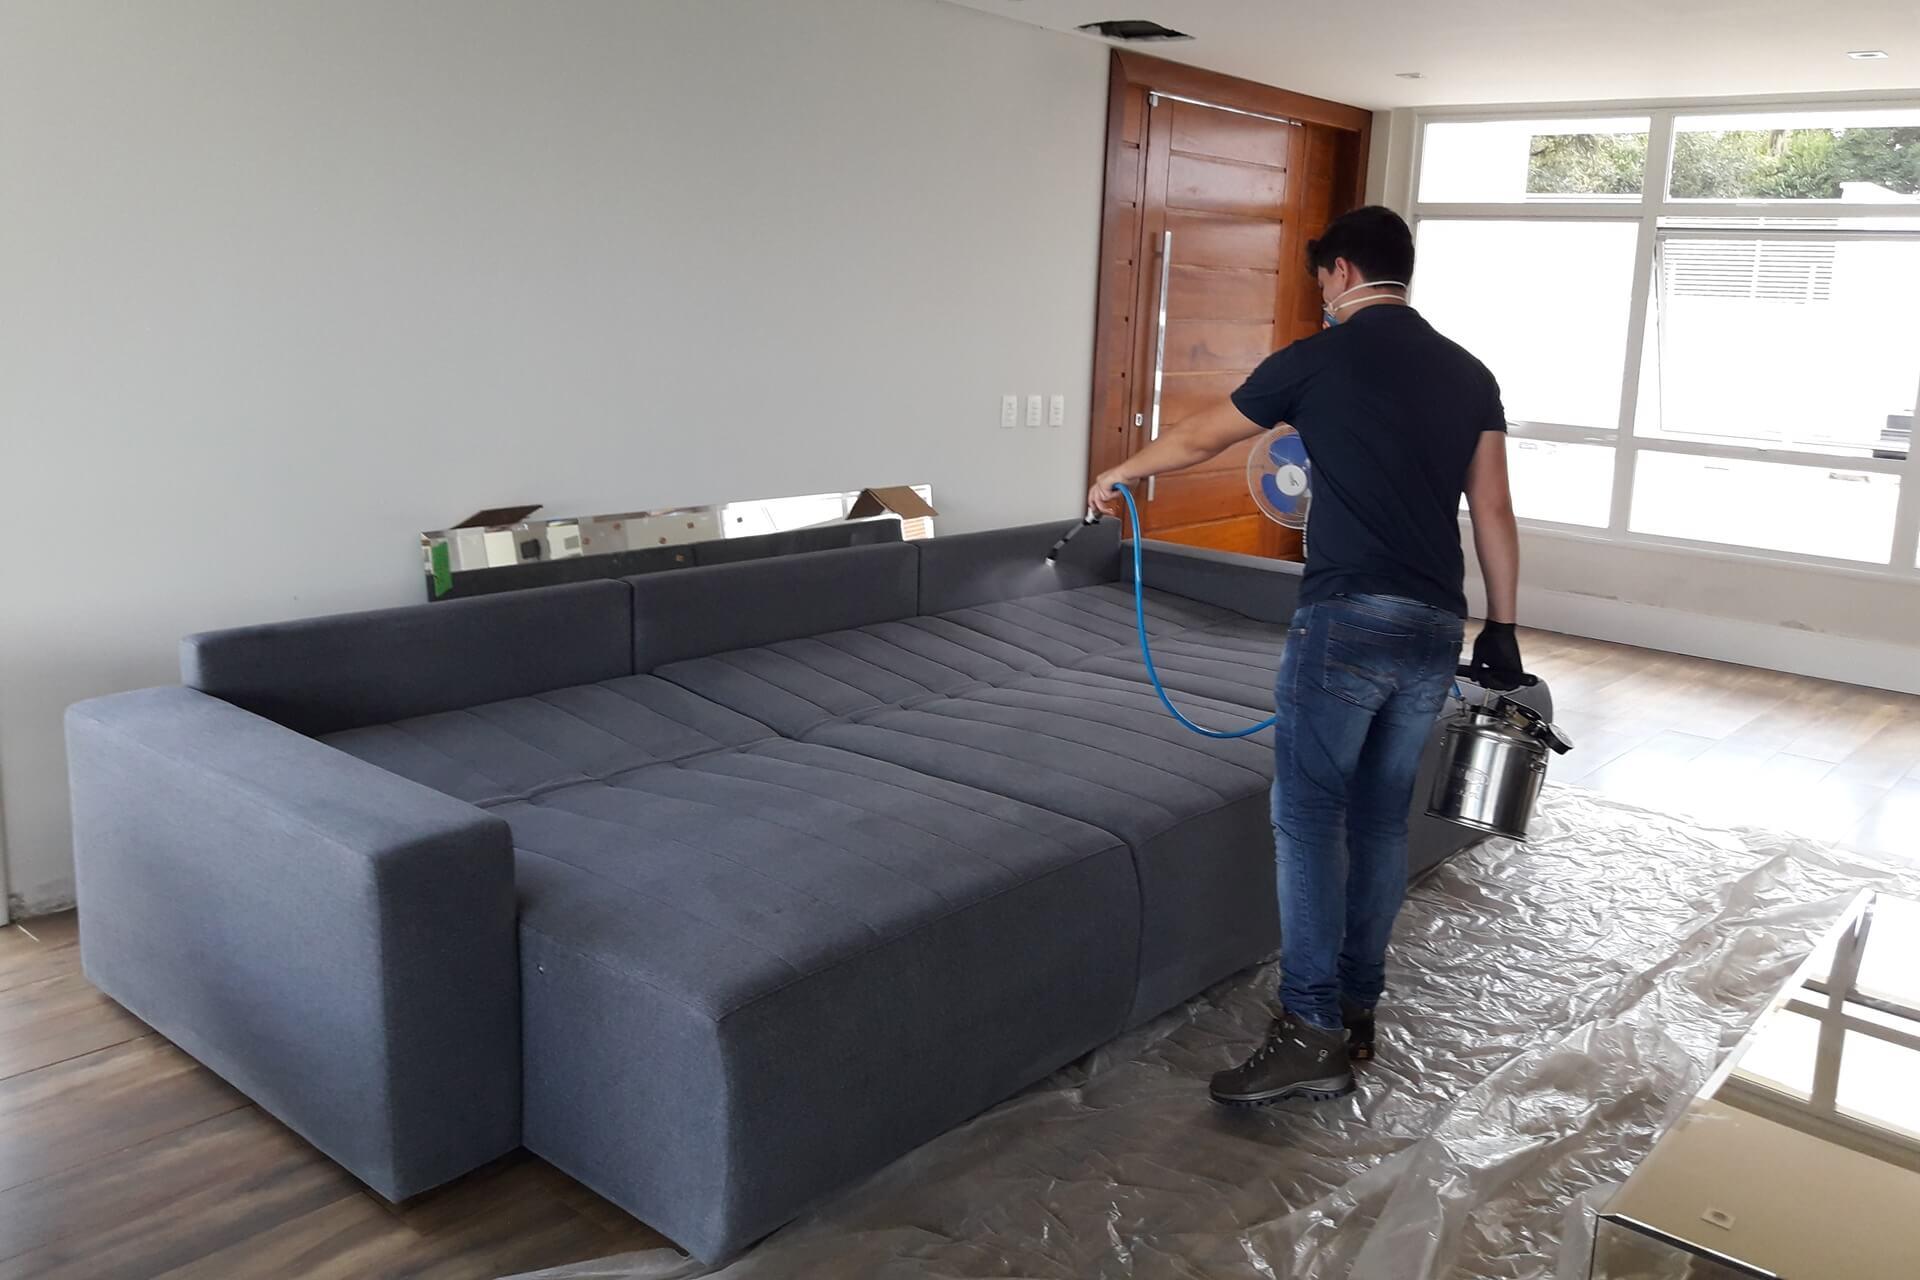 limpeza-de-sofa_slide-6-impermeabilizacao